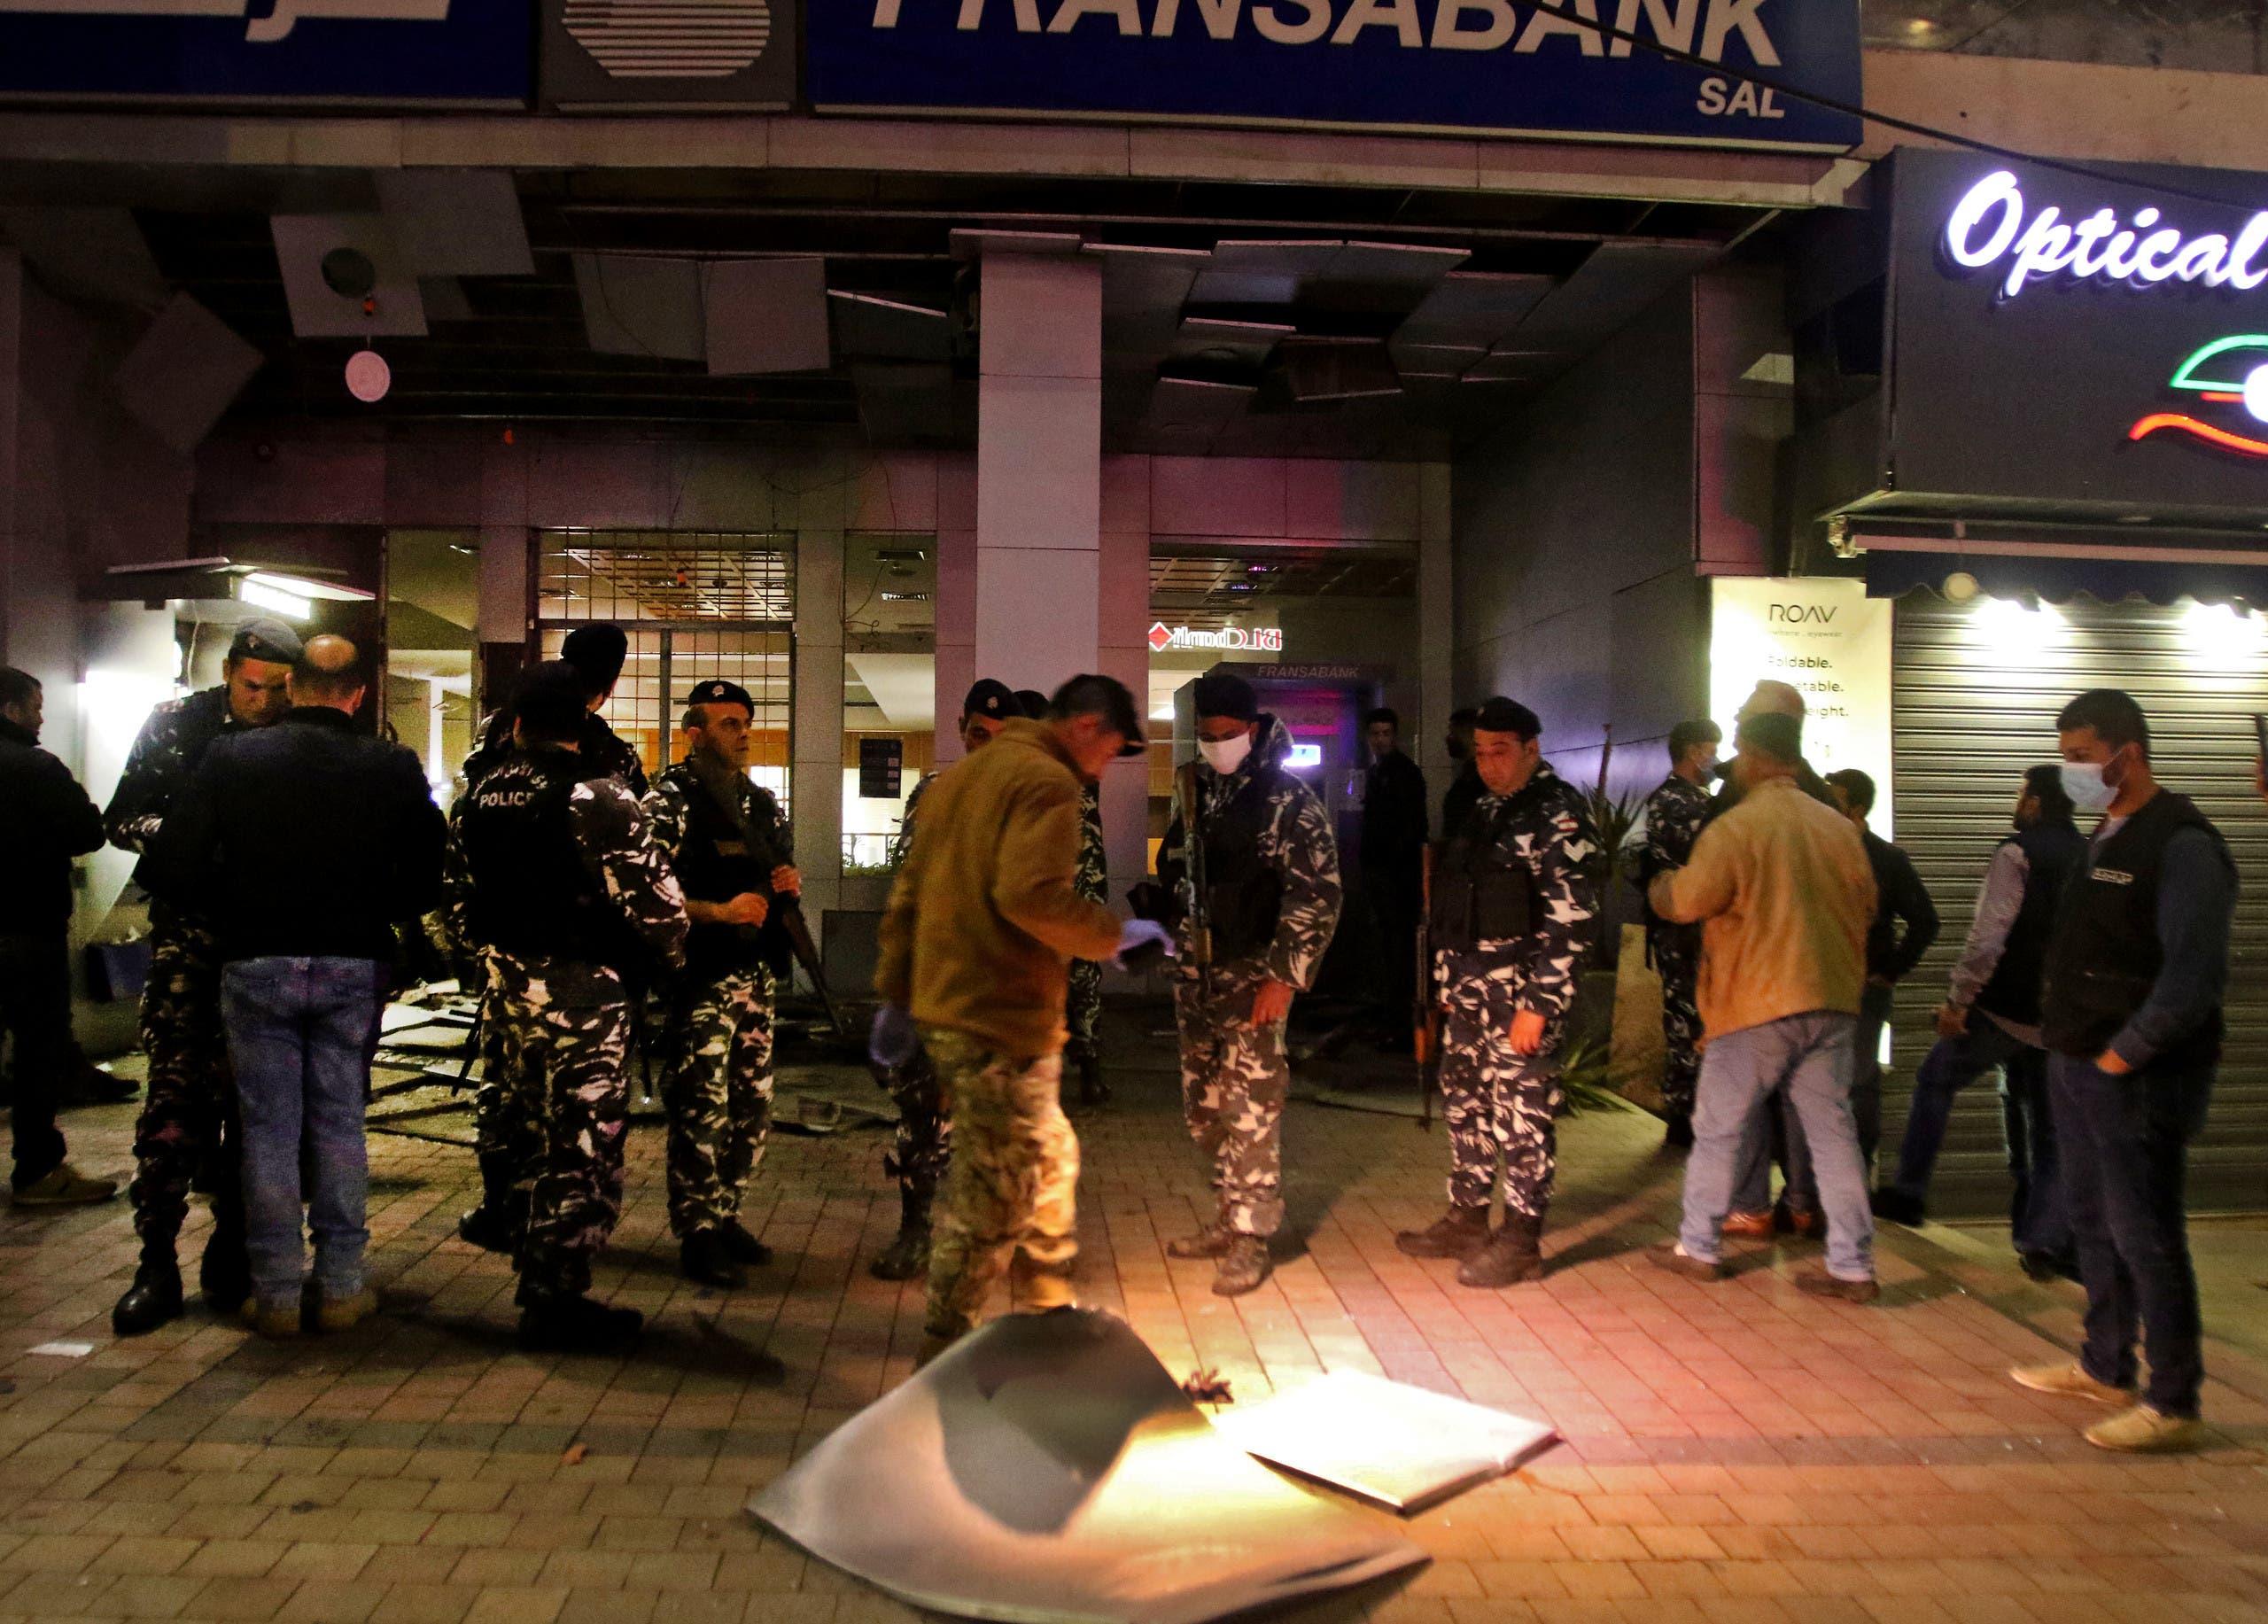 الاعتداء على مصرف في صيدا